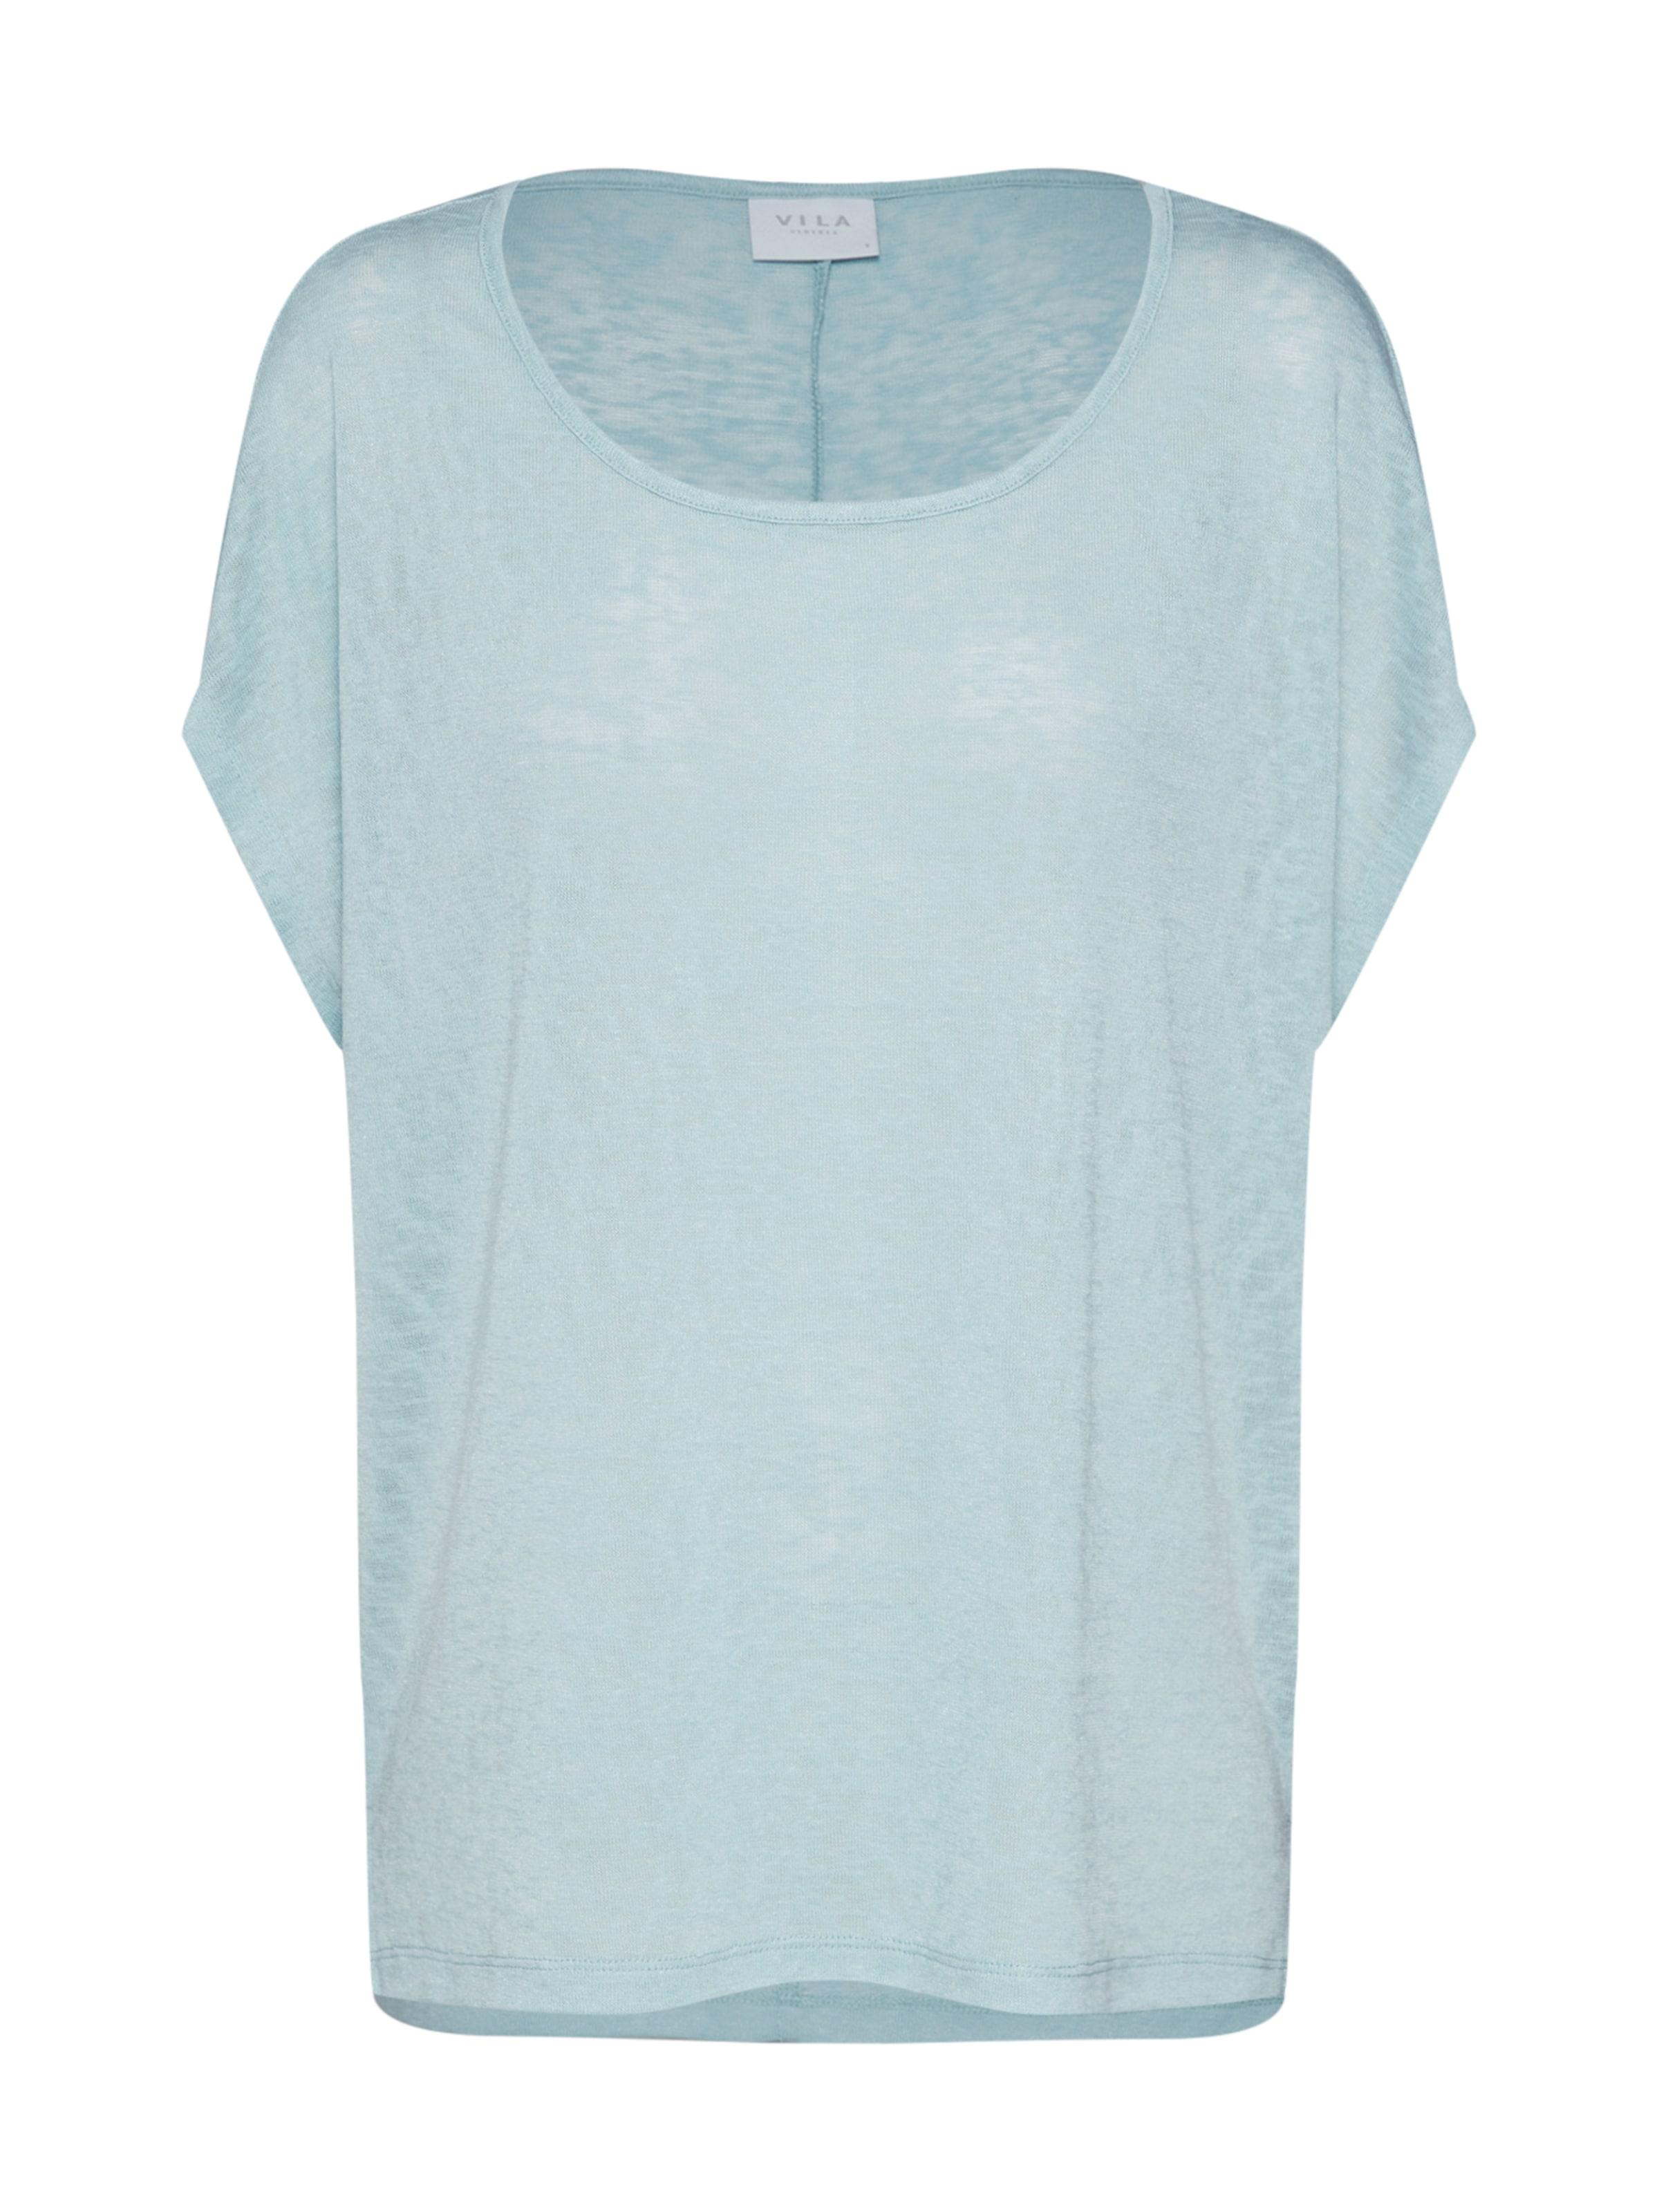 Vila T shirt 'visumi' En Bleu thrsCQdx